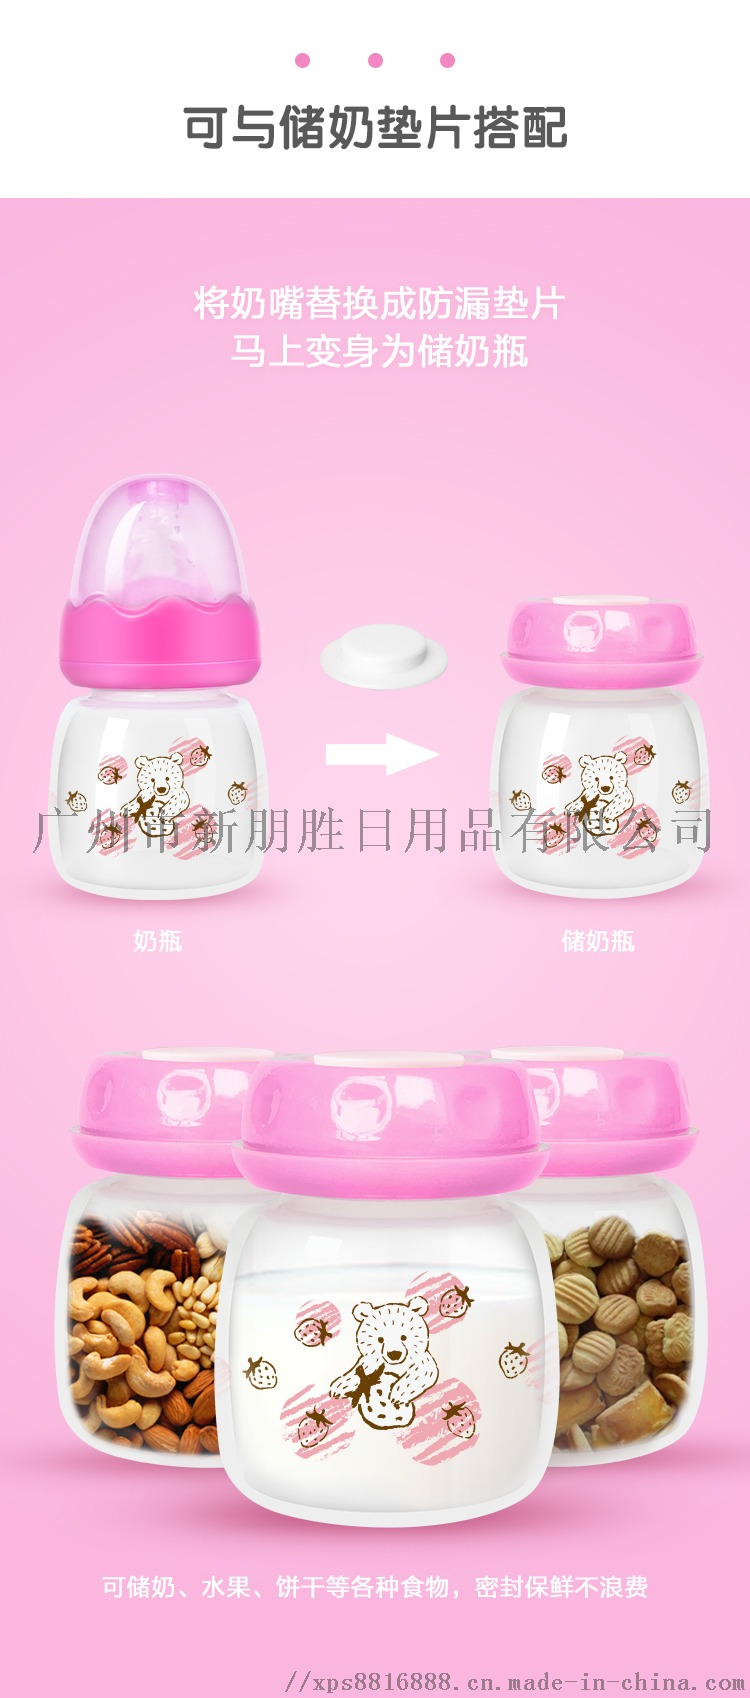 果汁奶瓶詳情頁——中文版_04.jpg